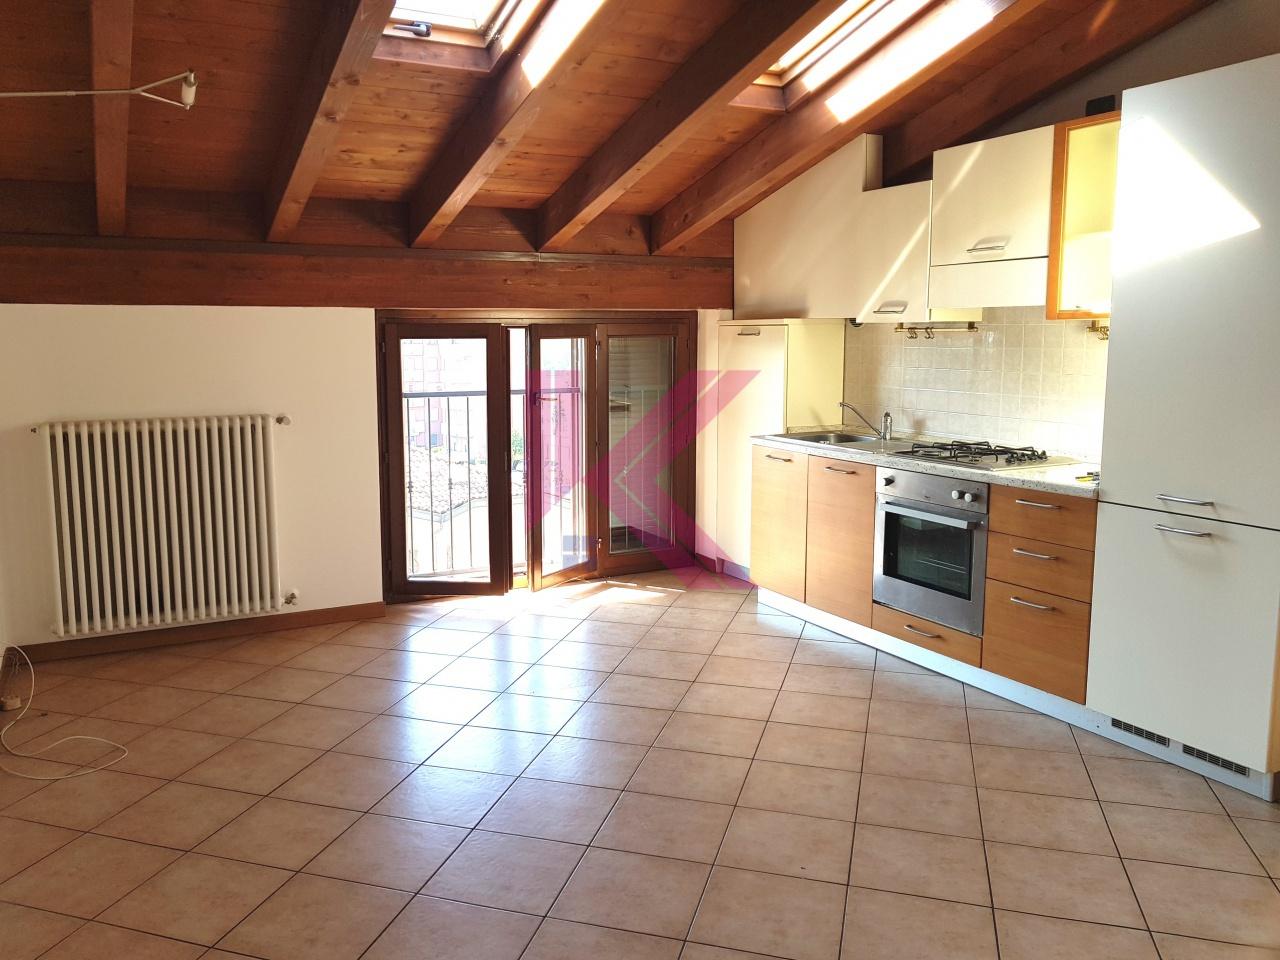 Attico / Mansarda in vendita a Cantù, 2 locali, prezzo € 62.000 | PortaleAgenzieImmobiliari.it